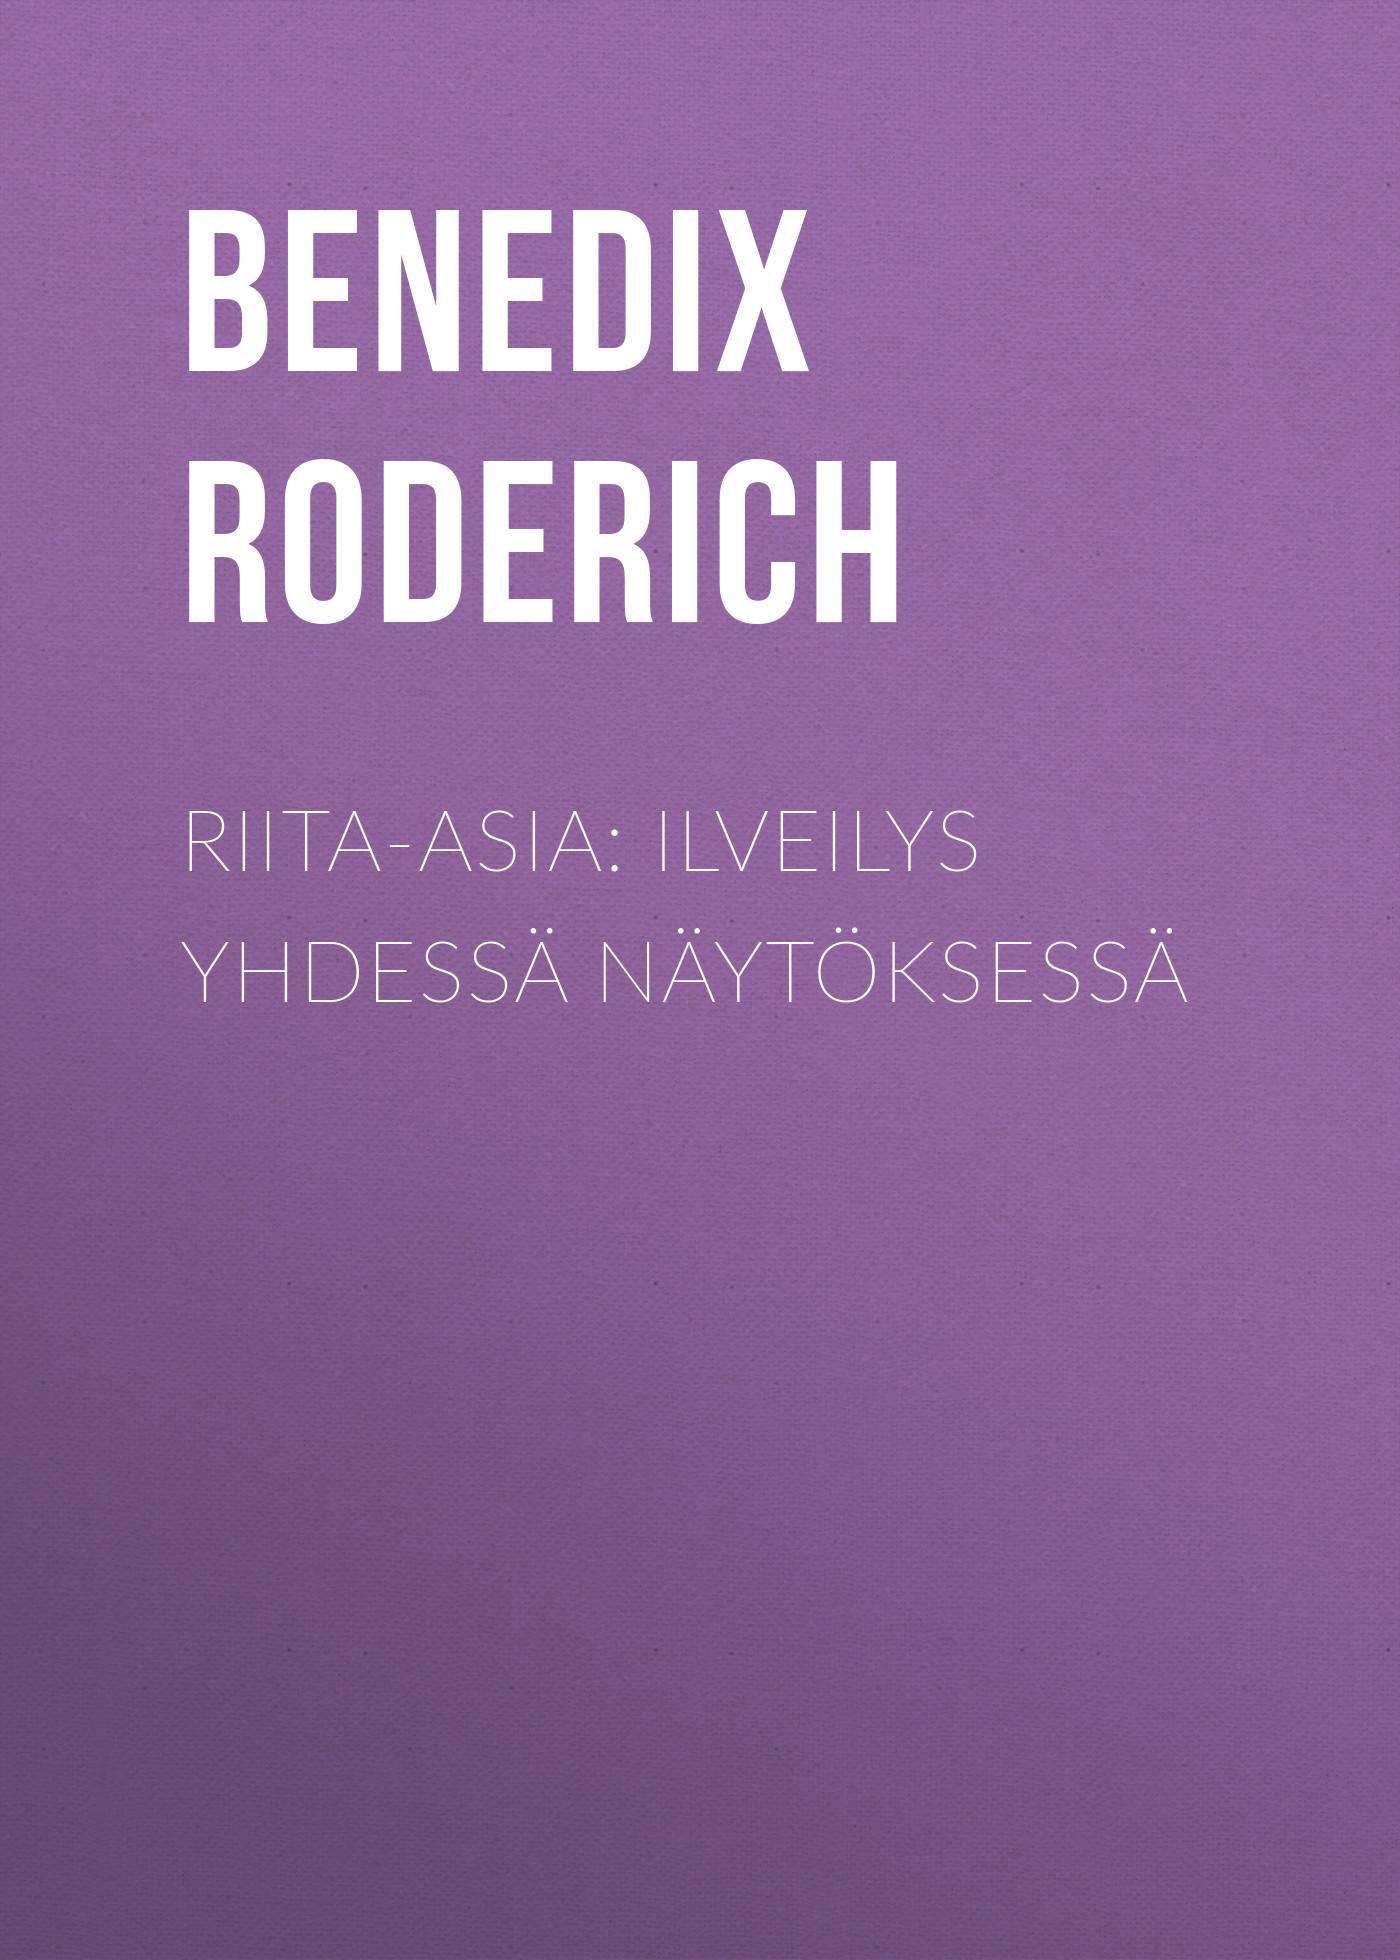 Benedix Roderich Riita-asia: Ilveilys yhdessä näytöksessä